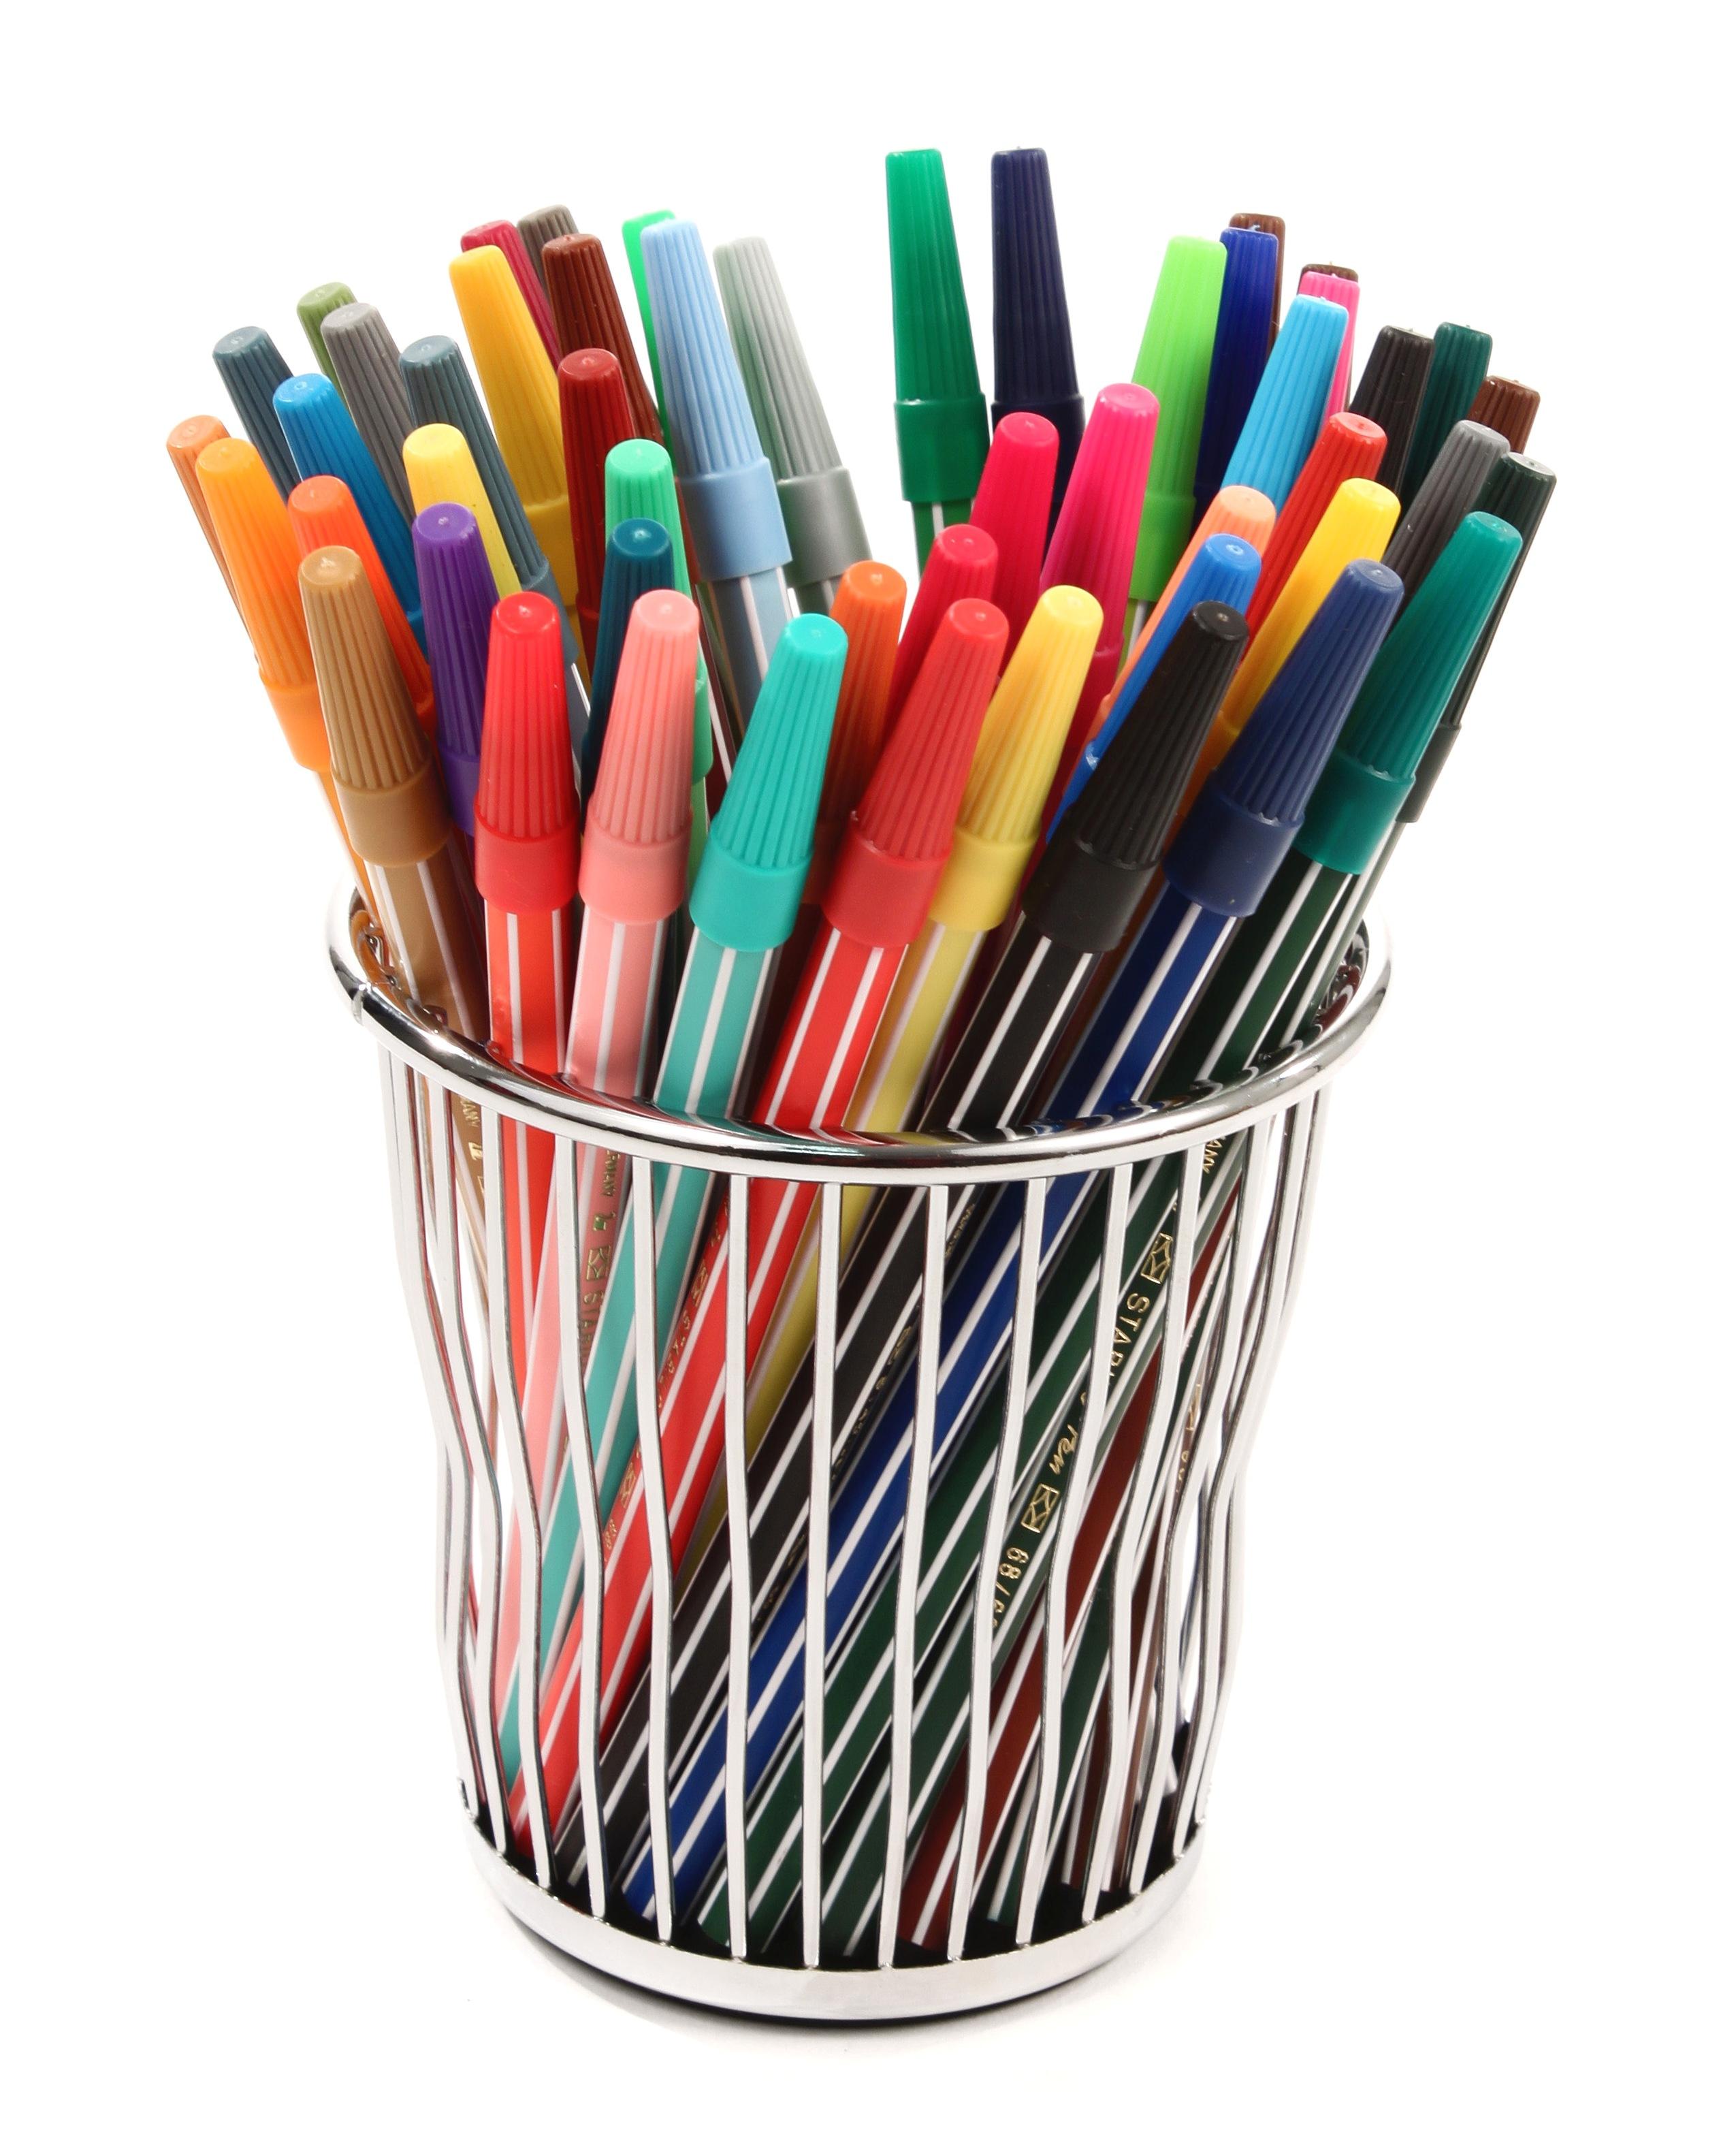 31570-pens.jpg